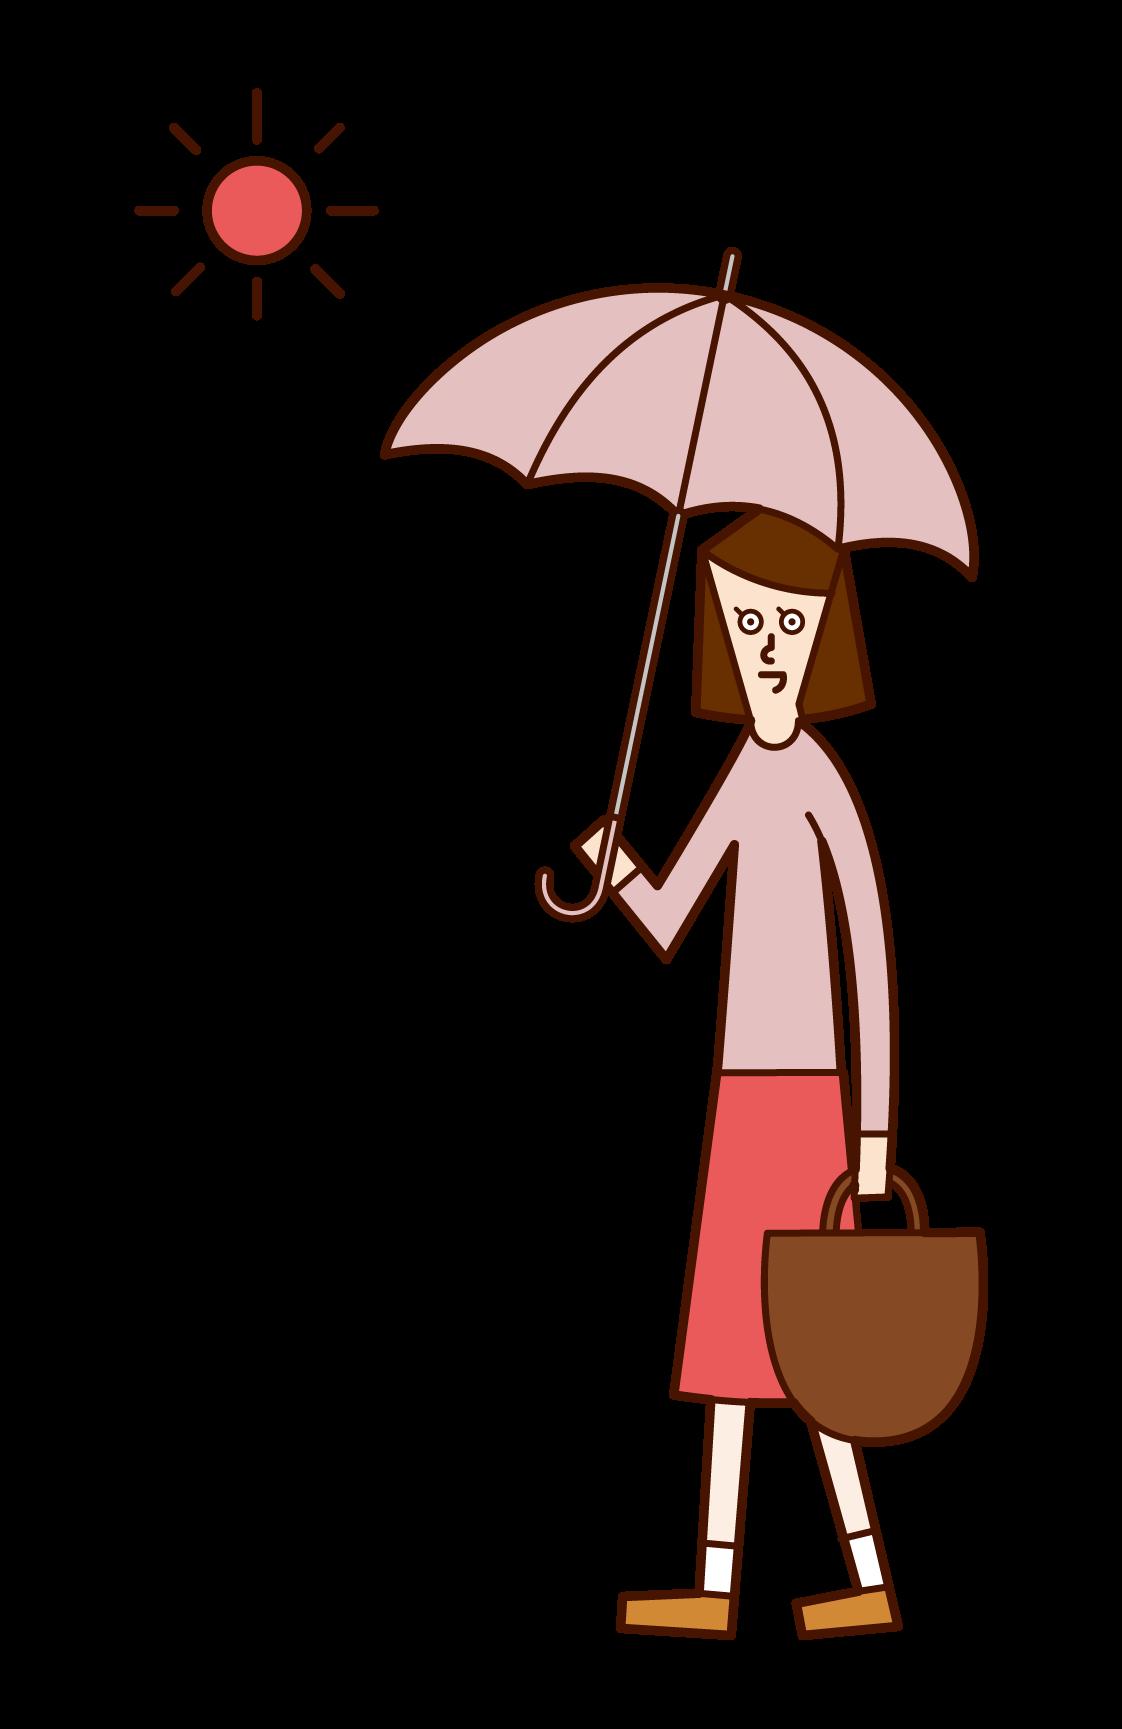 日傘をさして歩く人(女性)のイラスト